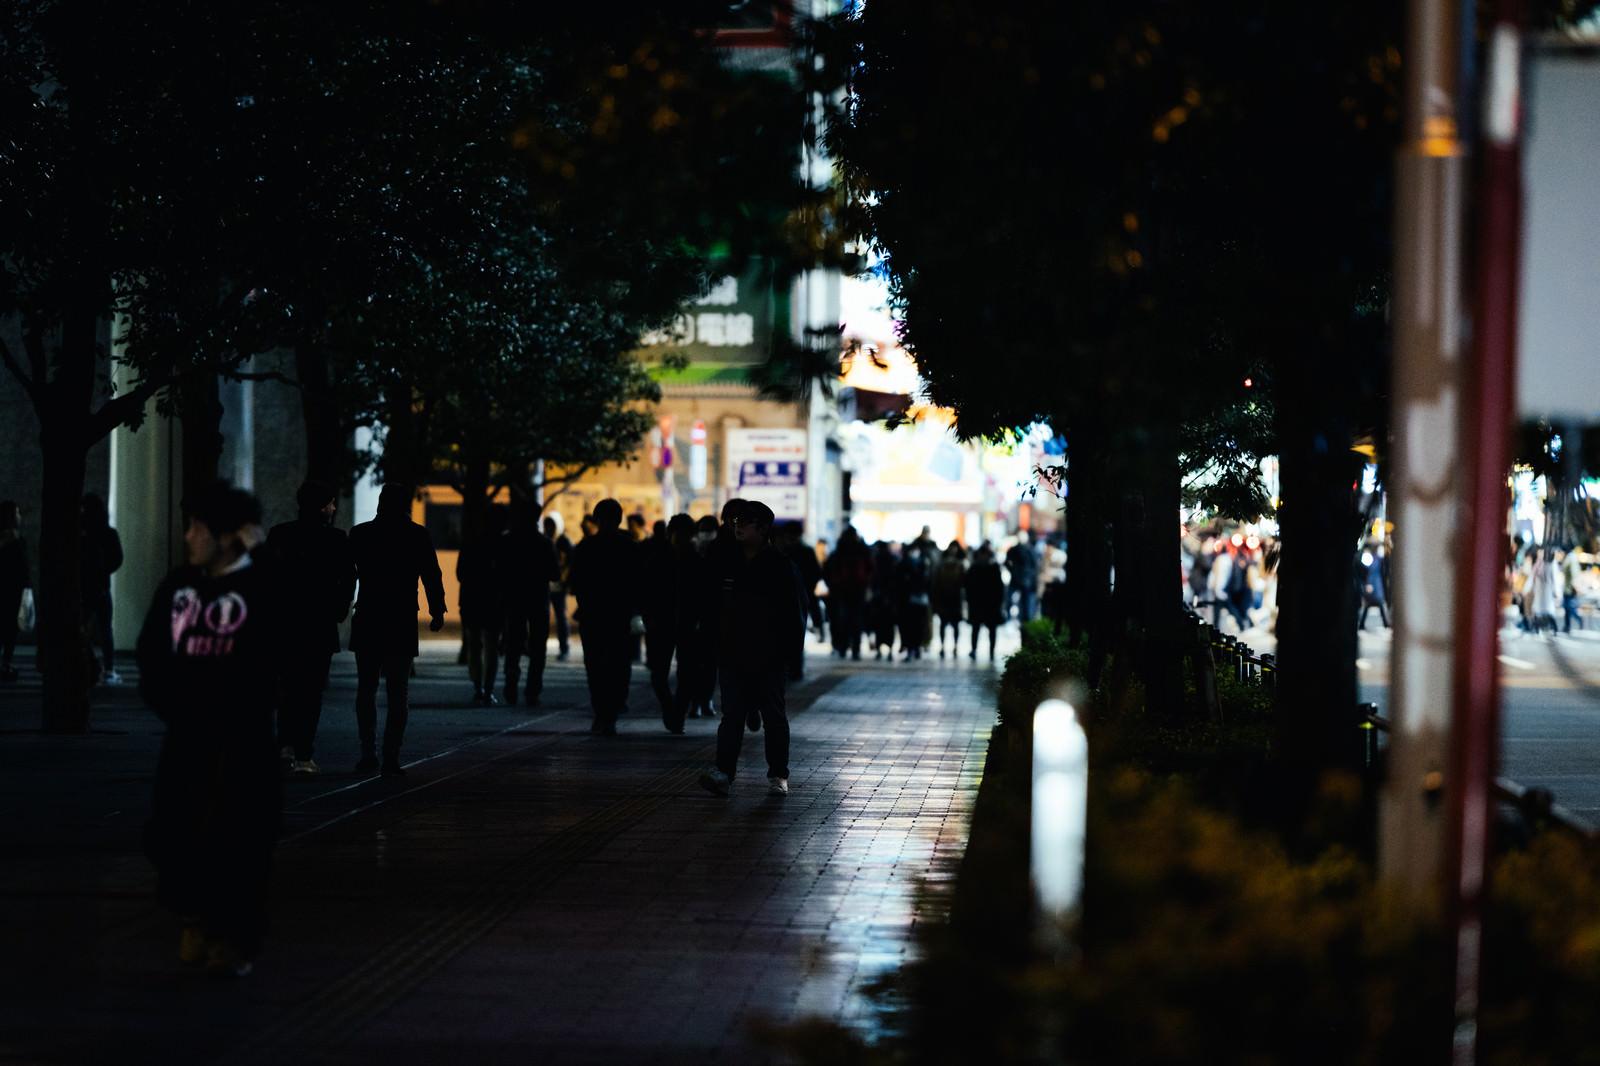 「帰宅時間に駅へ歩く通行人達」の写真